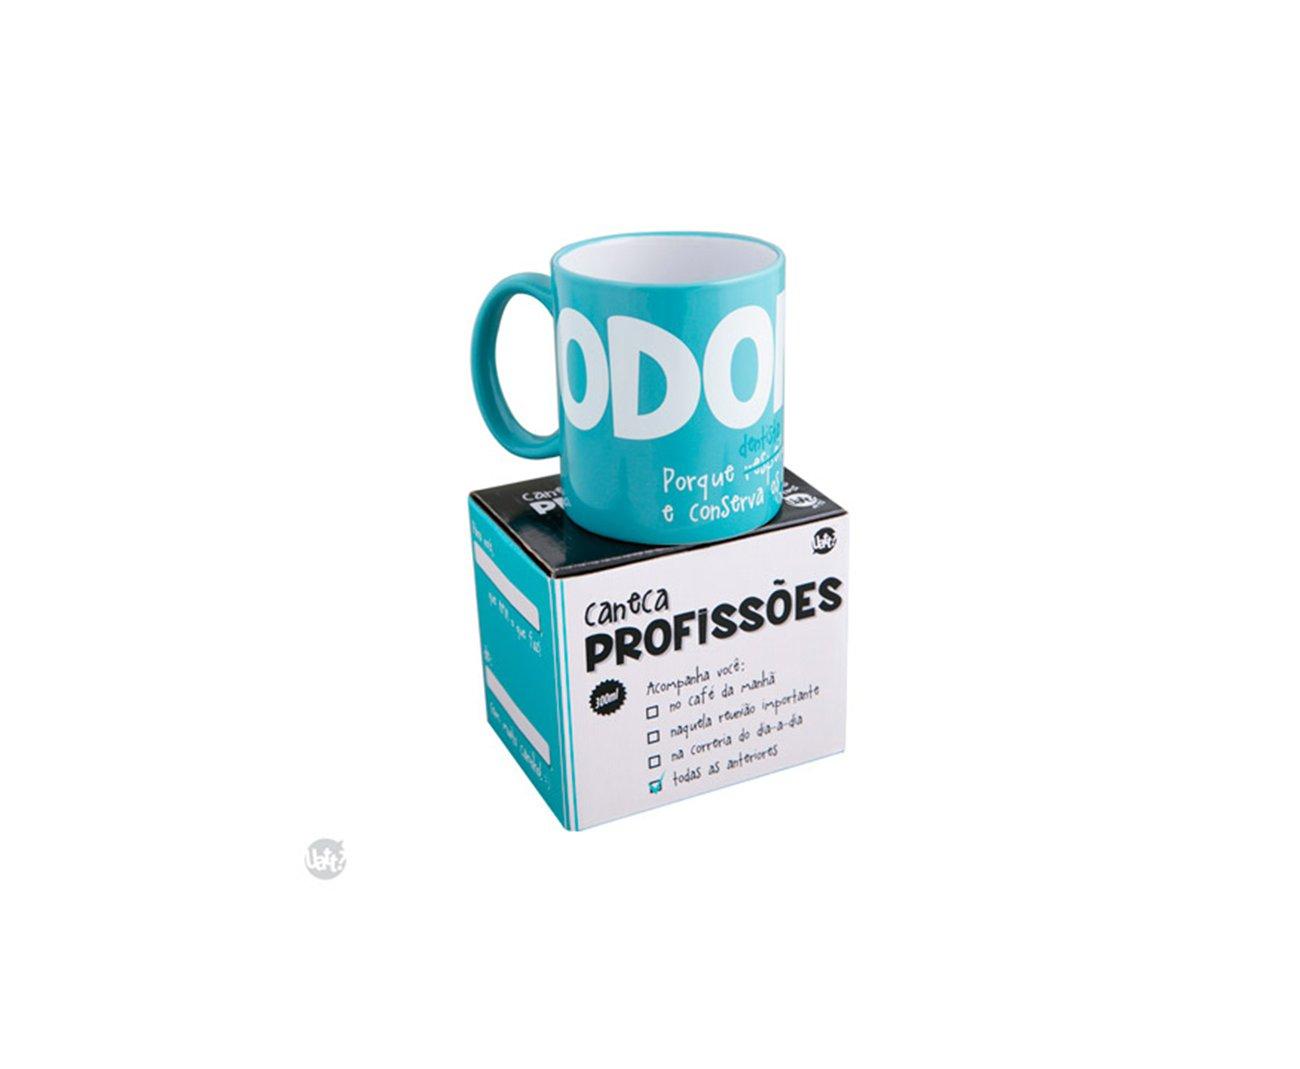 Caneca Profissões - Odonto - Uatt